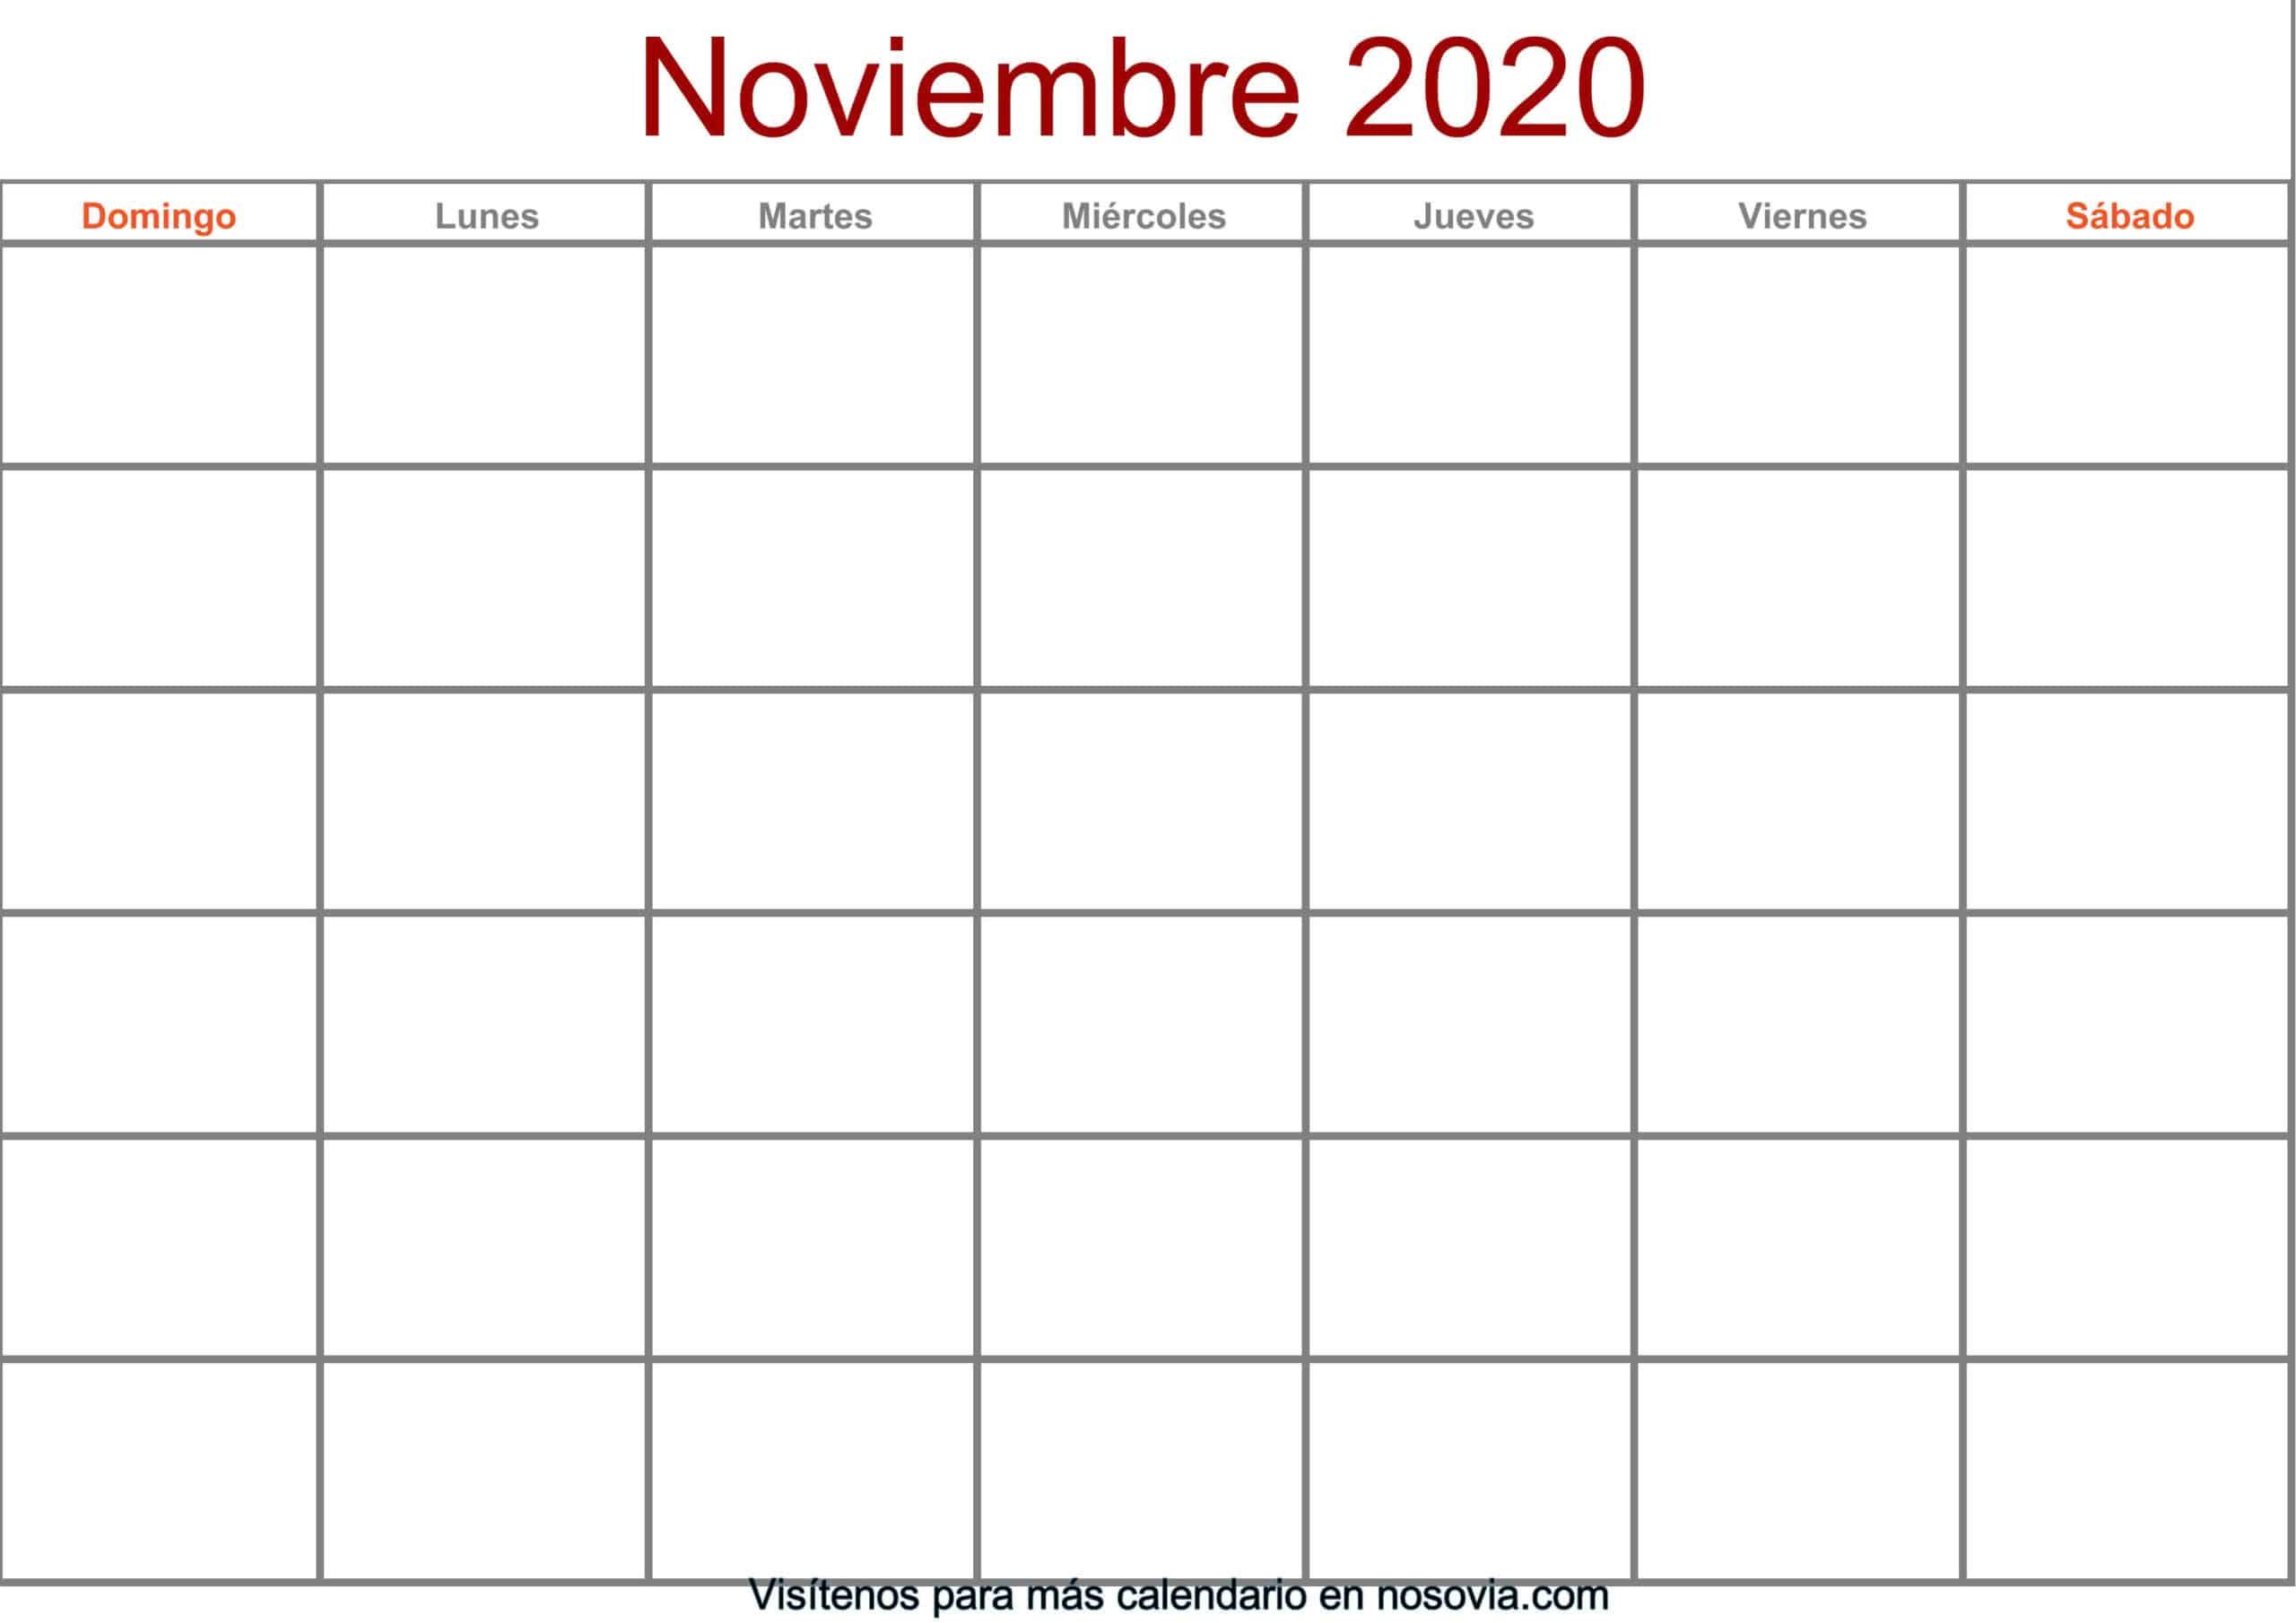 Calendario-noviembre-2020-en-blanco-Formato-gratis